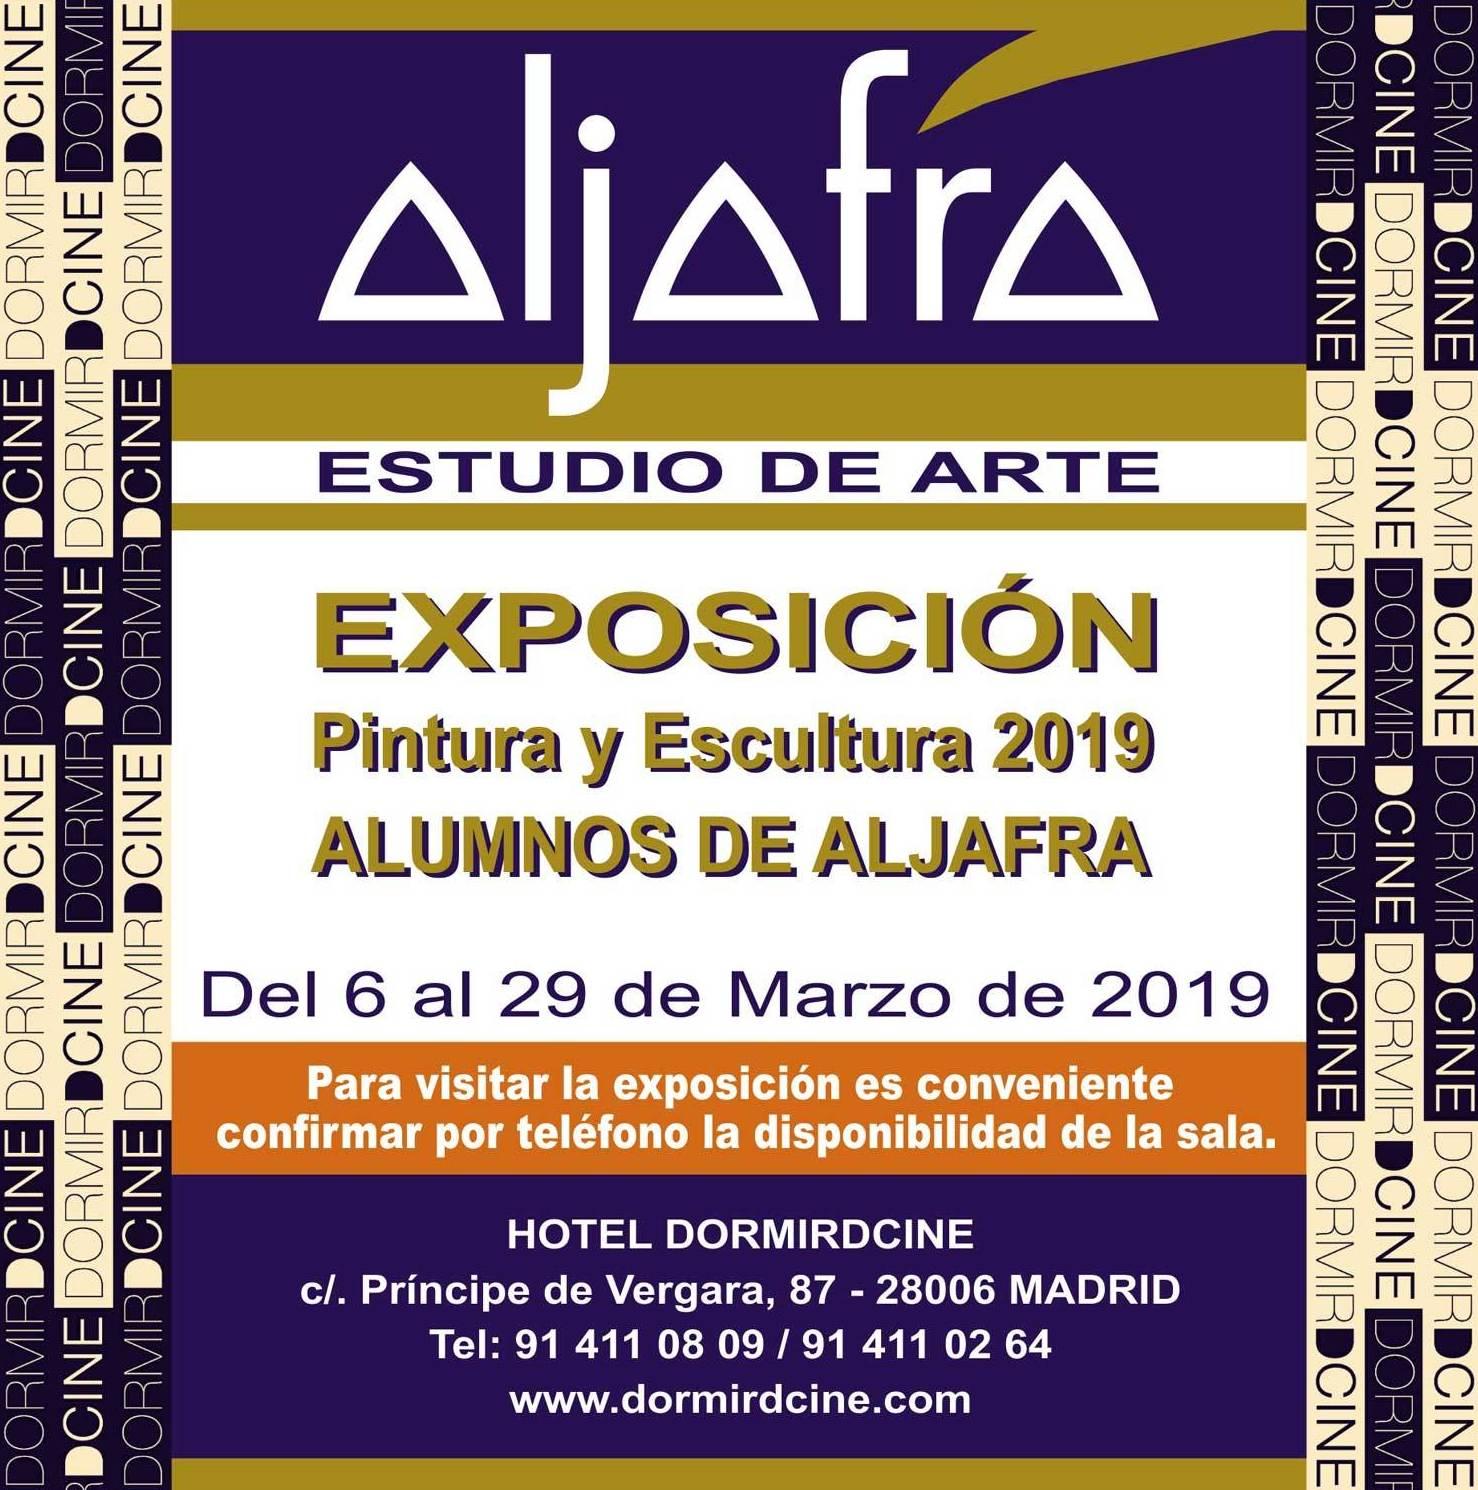 Anuncio de la exposición de Alumnos de 2019